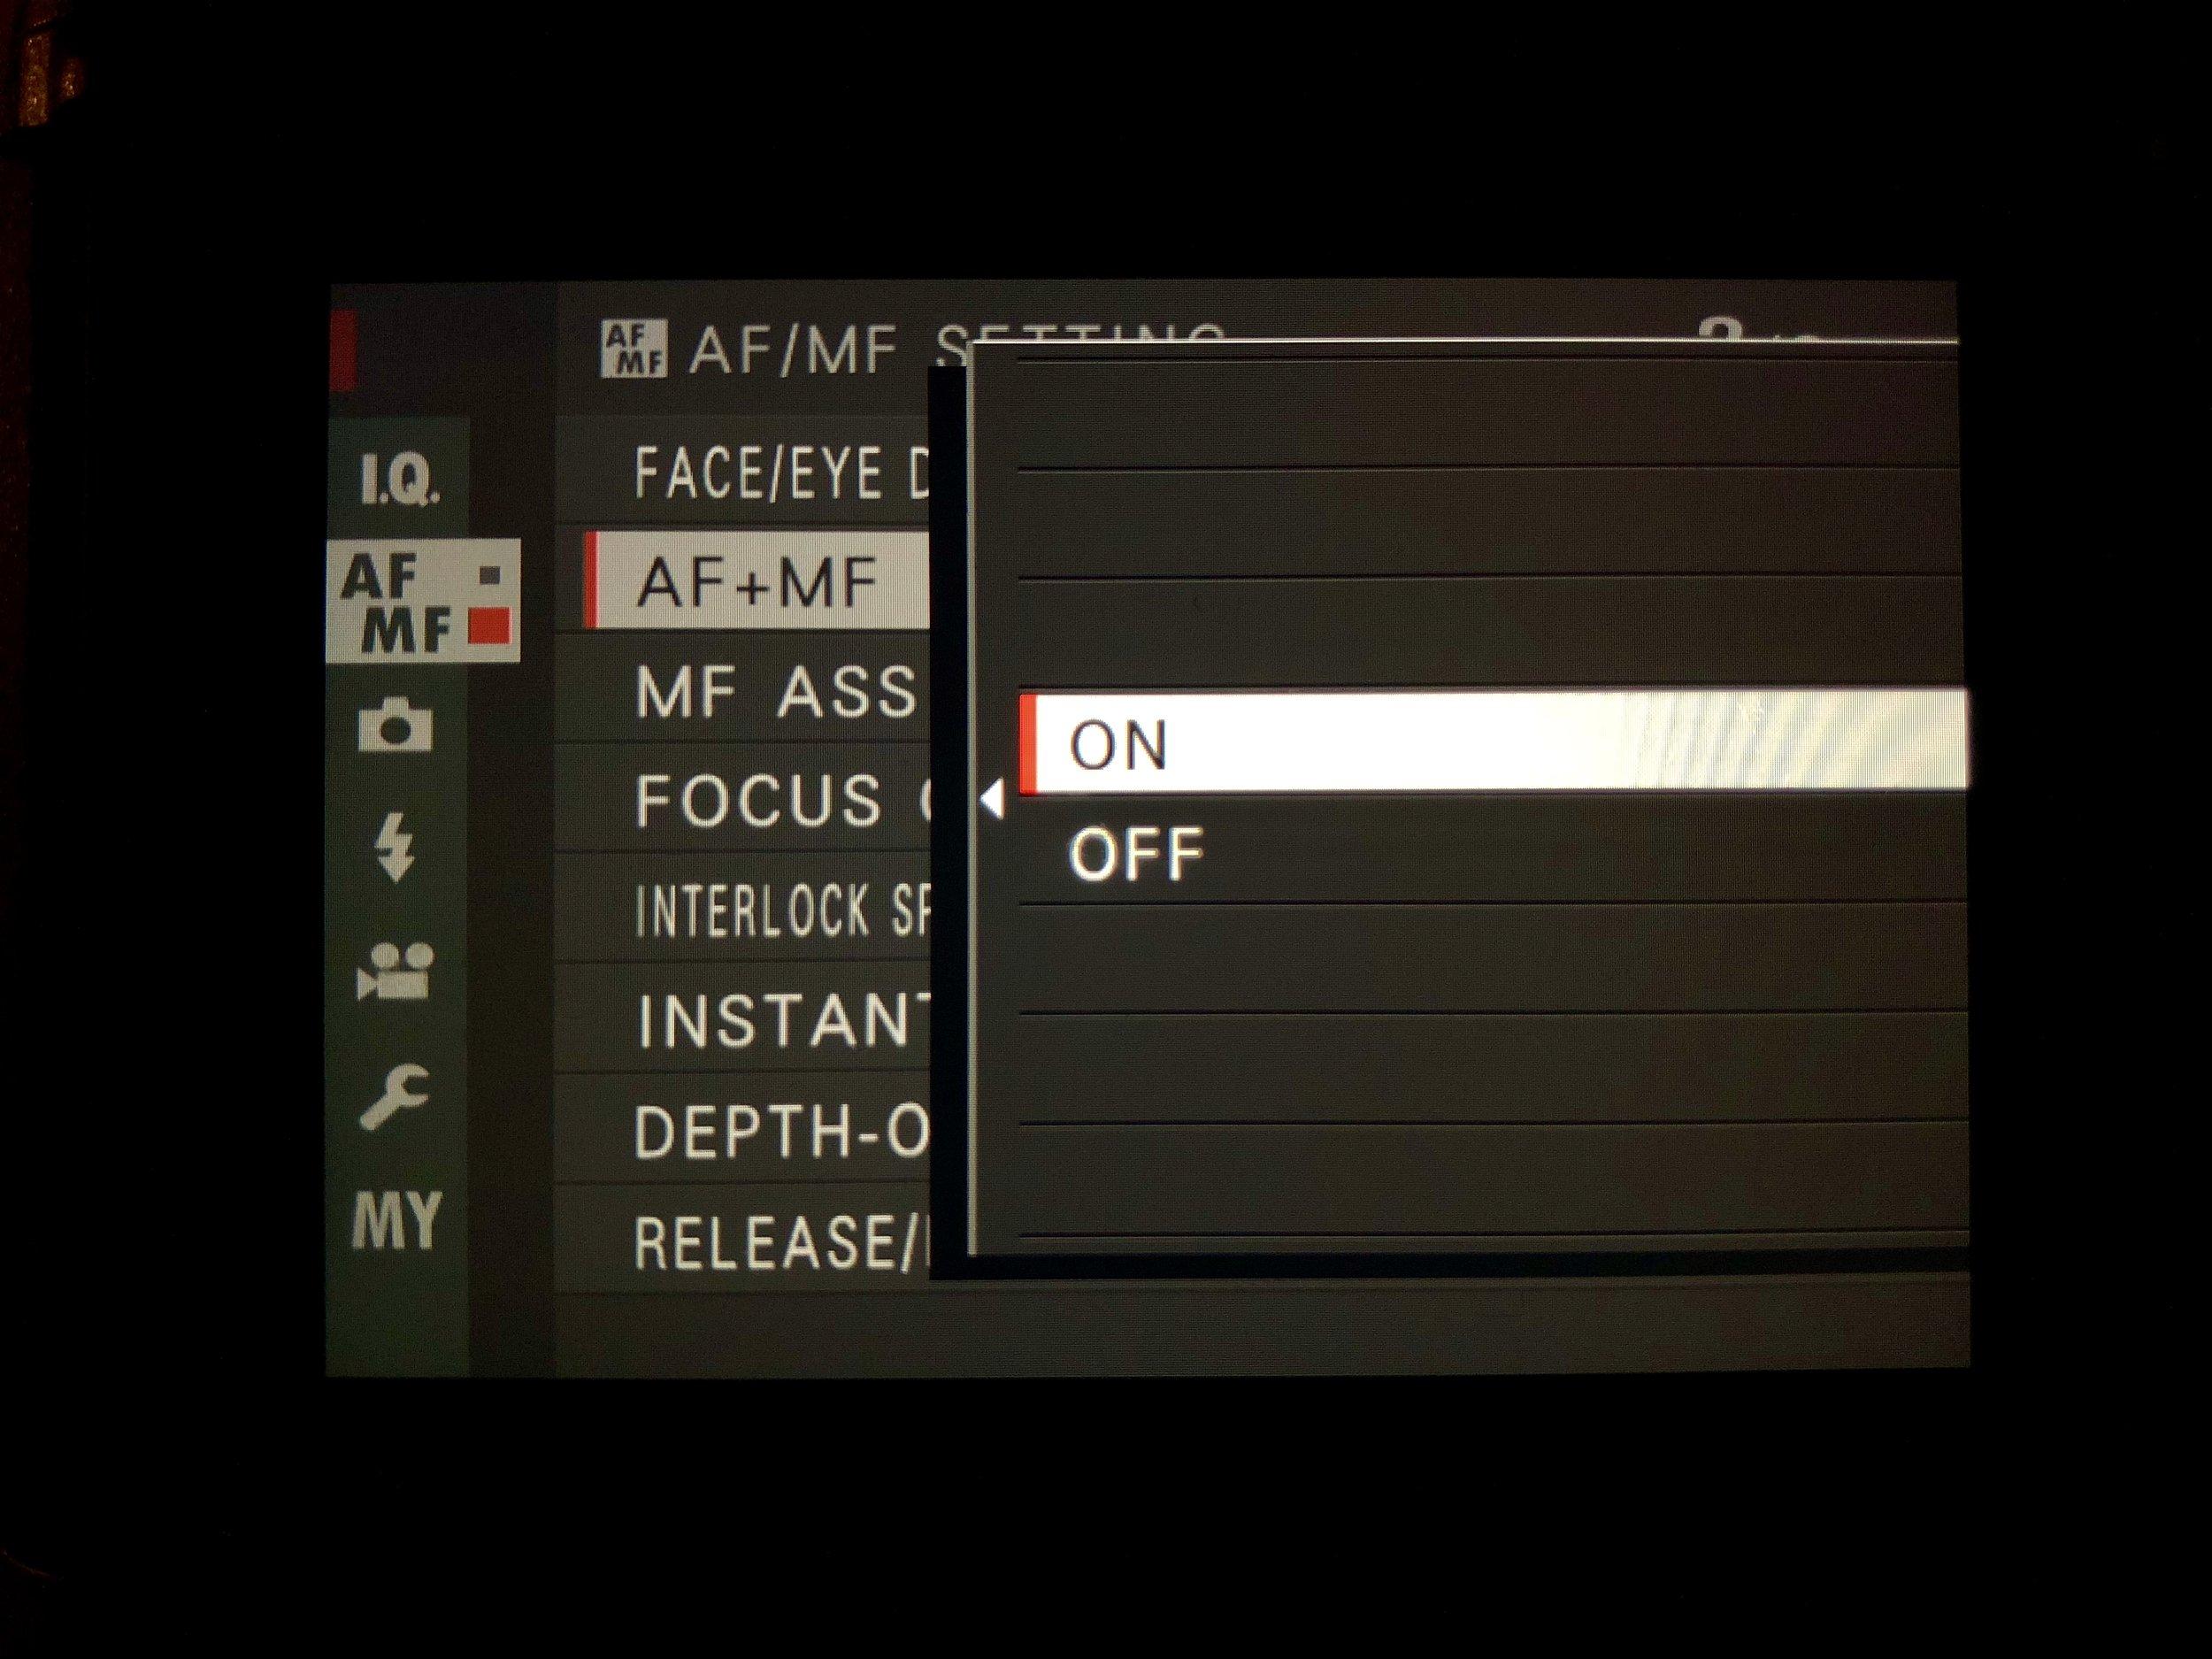 Set AF+MF On - AF/MF Setting>AF+MF>On